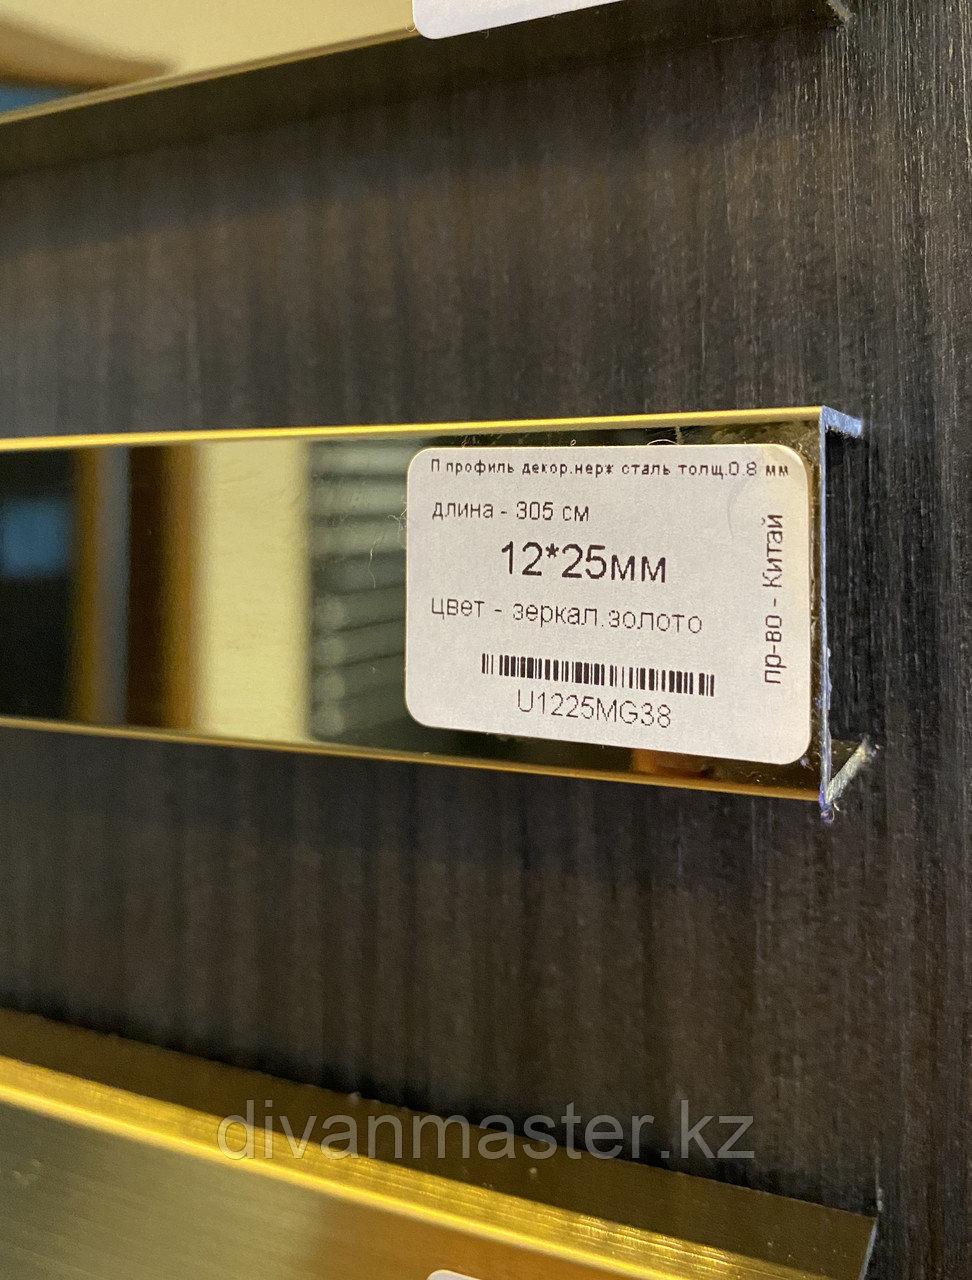 12*25, зеркальное золото - Профиль для декорирования мебели, 305 см, П-образный